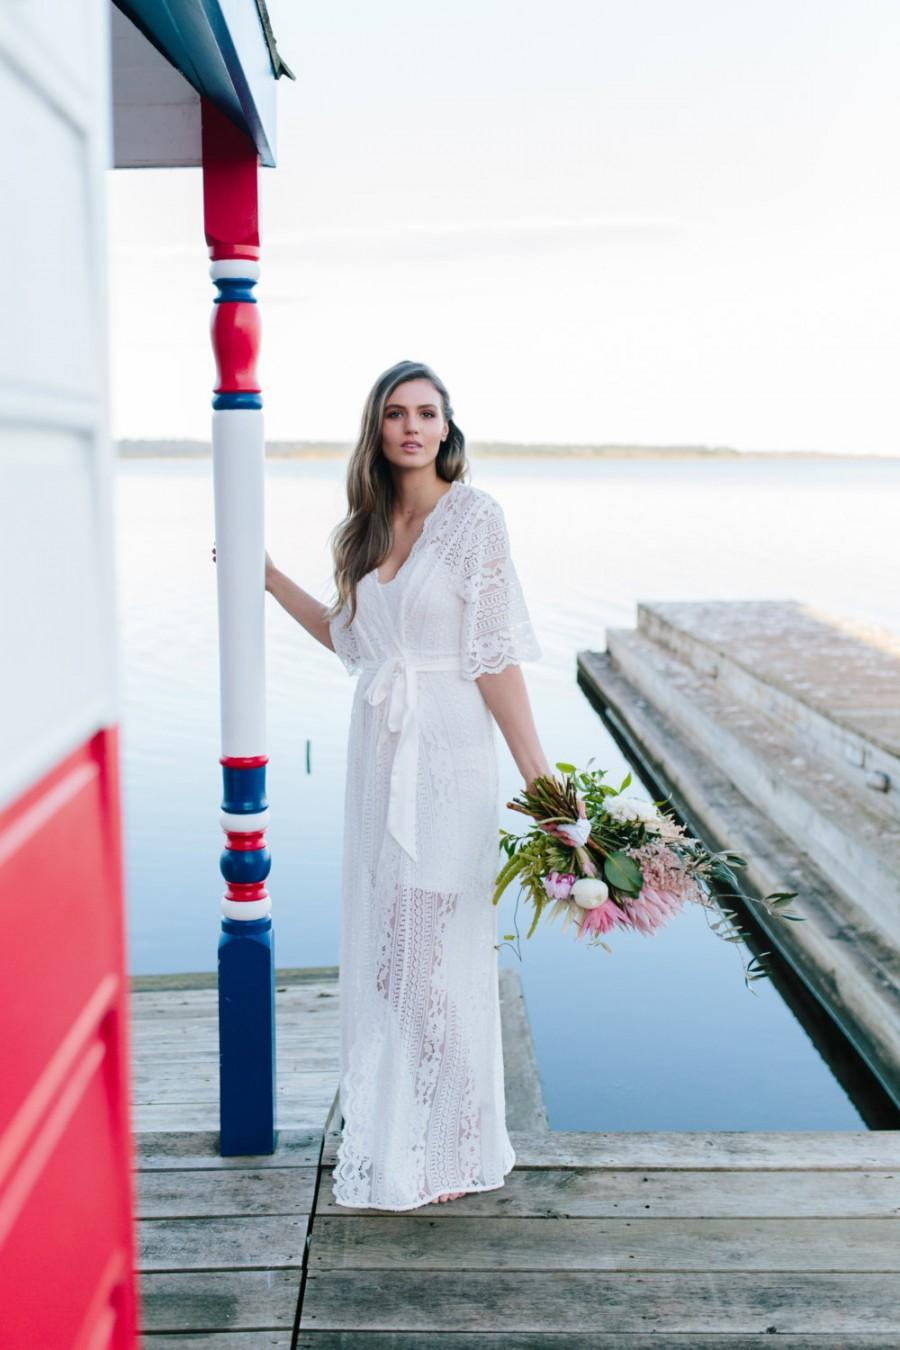 Свадьба - Lace Bridal Robe // Bridesmaid Robes // Robe // Bridal Robe // Bride Robe // Bridal Party Robes // Bridesmaid Gifts //